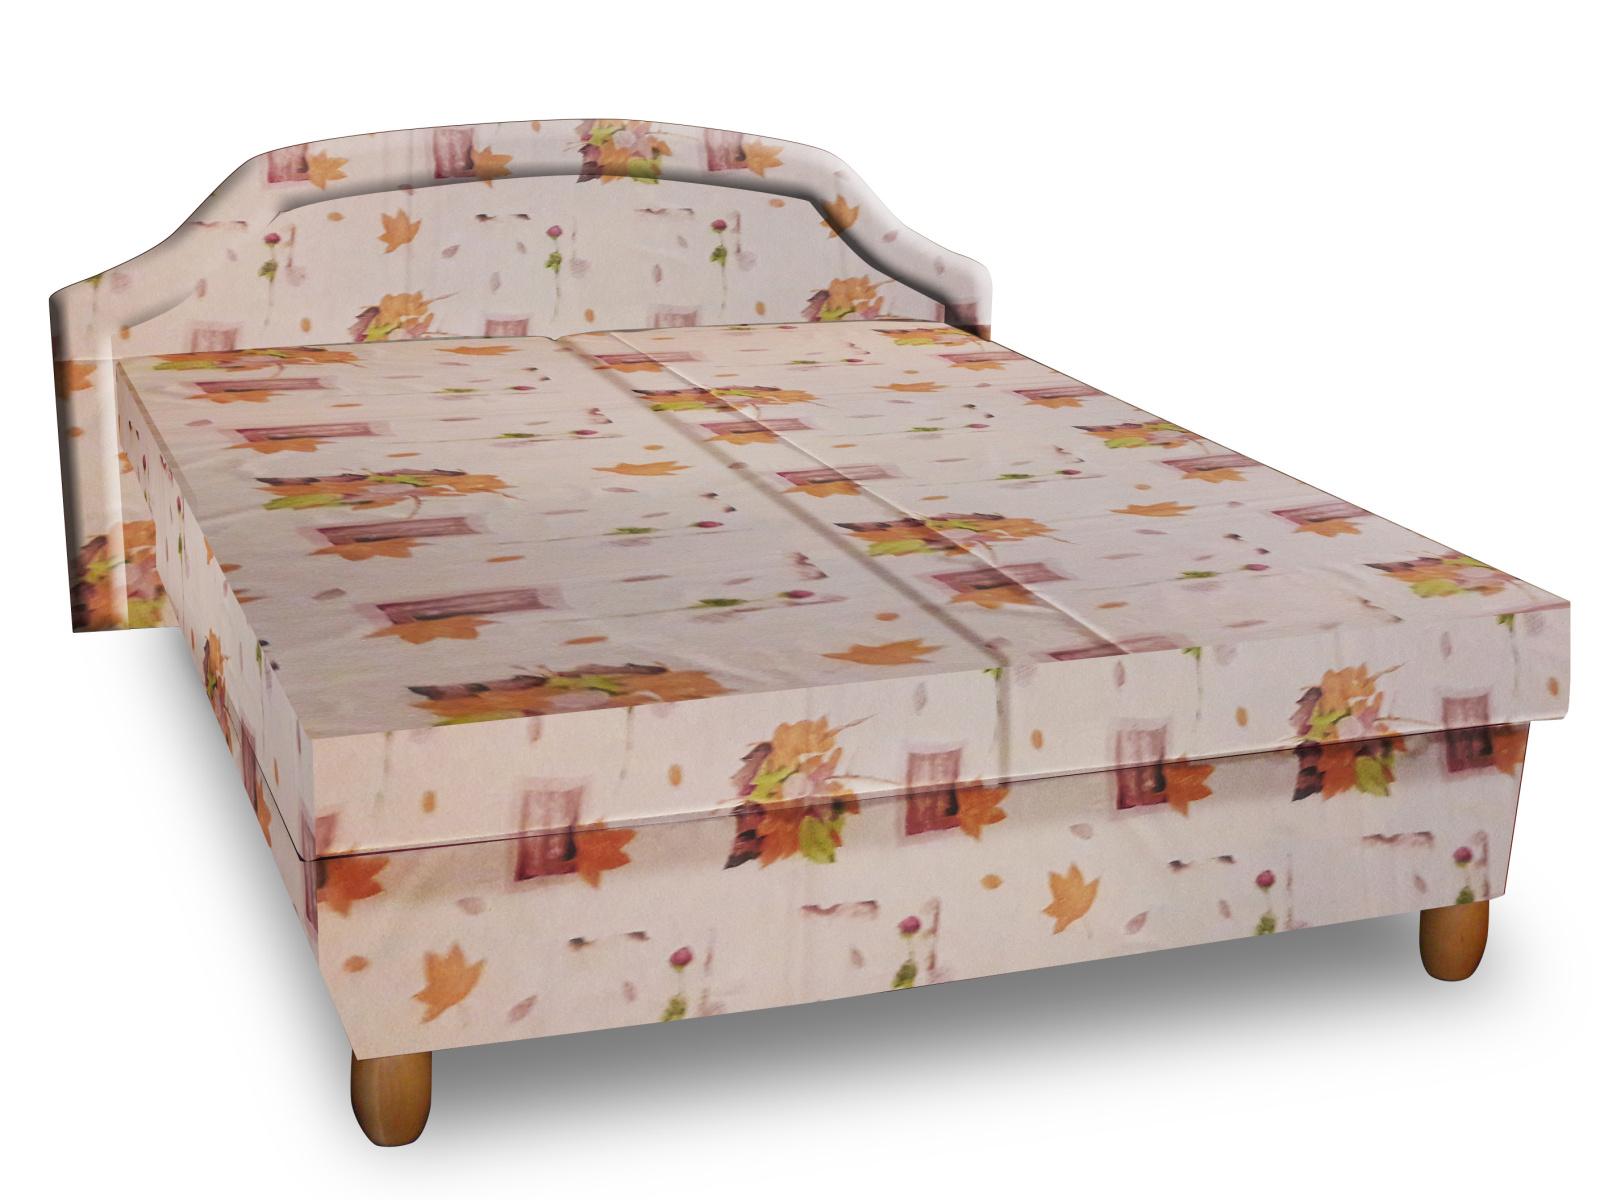 Smartshop Čalouněná postel KARINA 140x200 cm, béžová látka